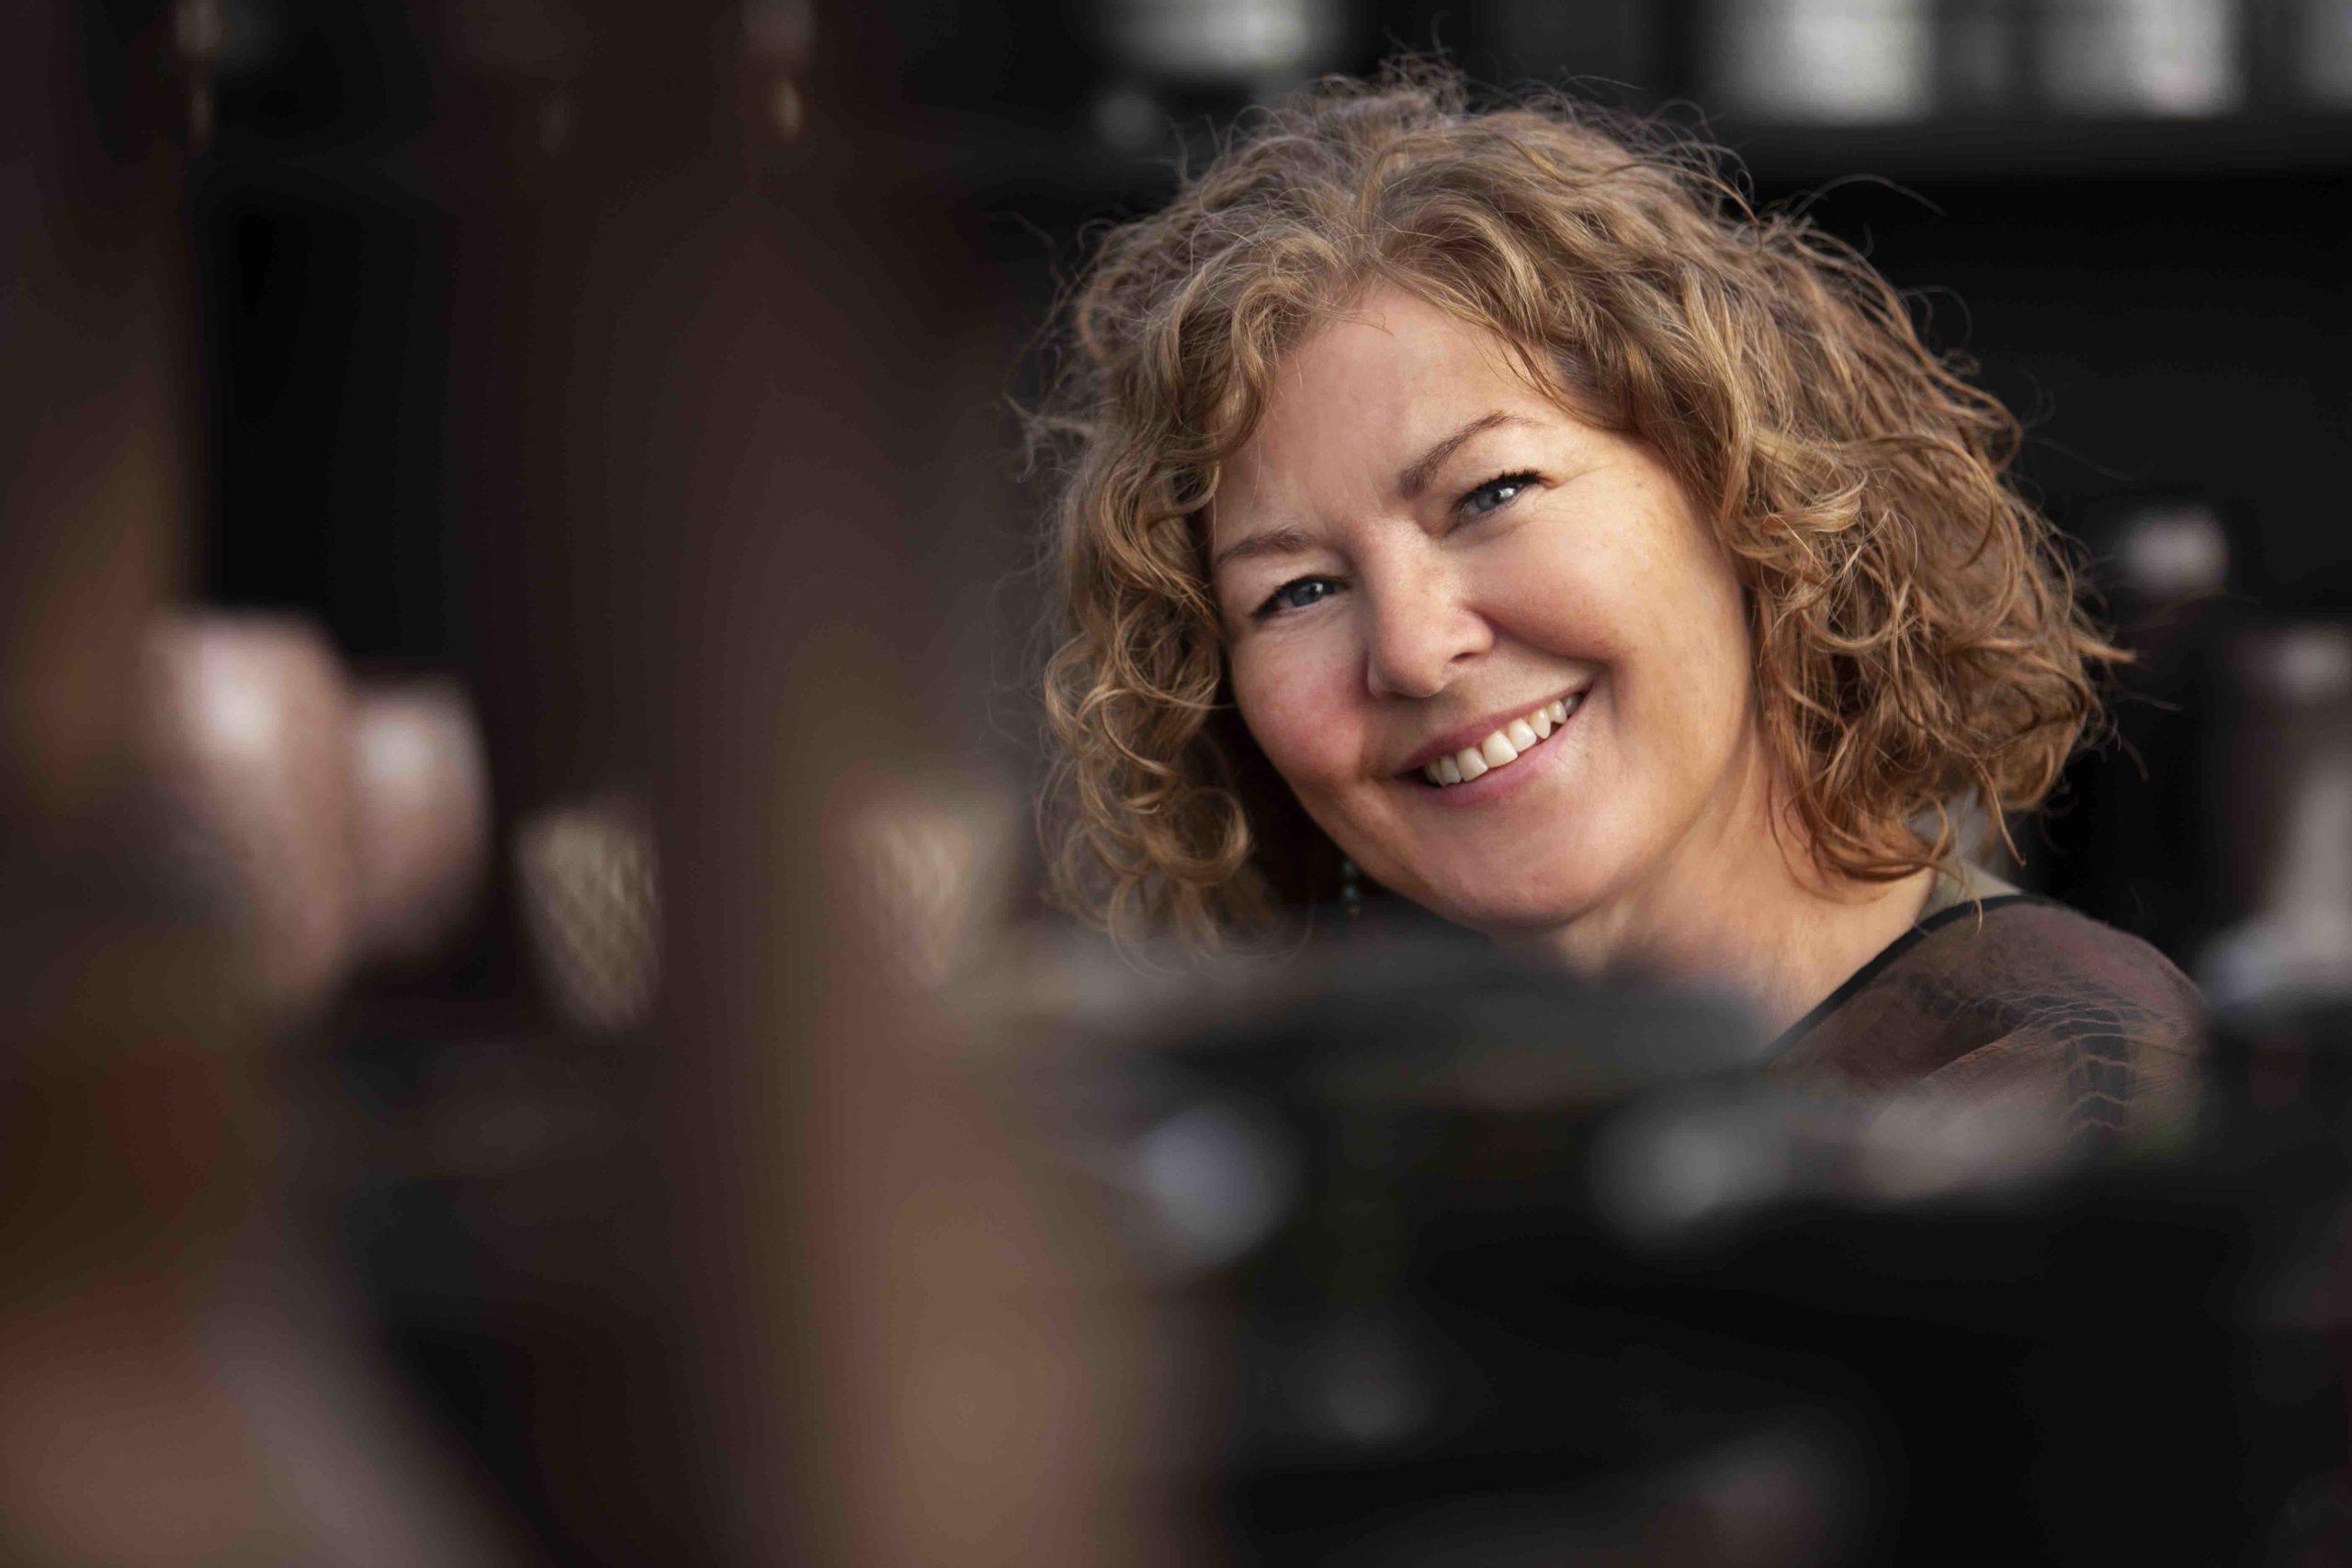 Afdelingsleder AnnetteKaad: Min selvsikkerhed er vokset med erfaringen